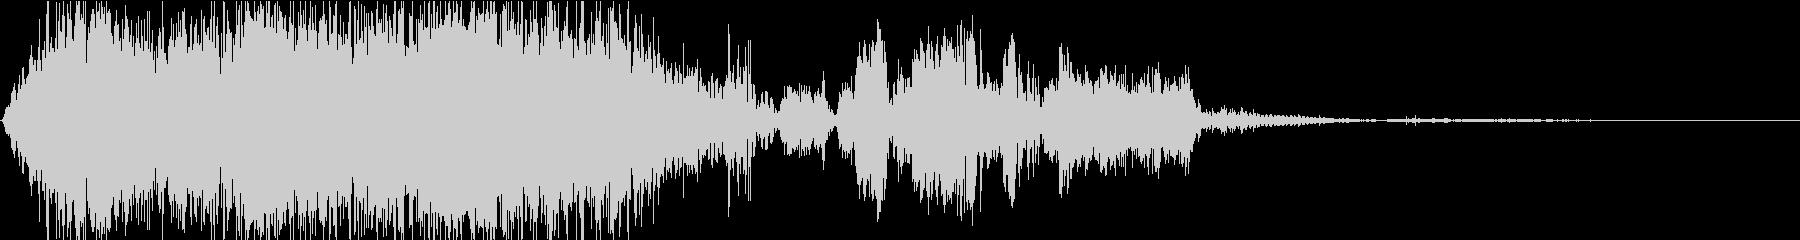 放電・スパーク・パルス04の未再生の波形